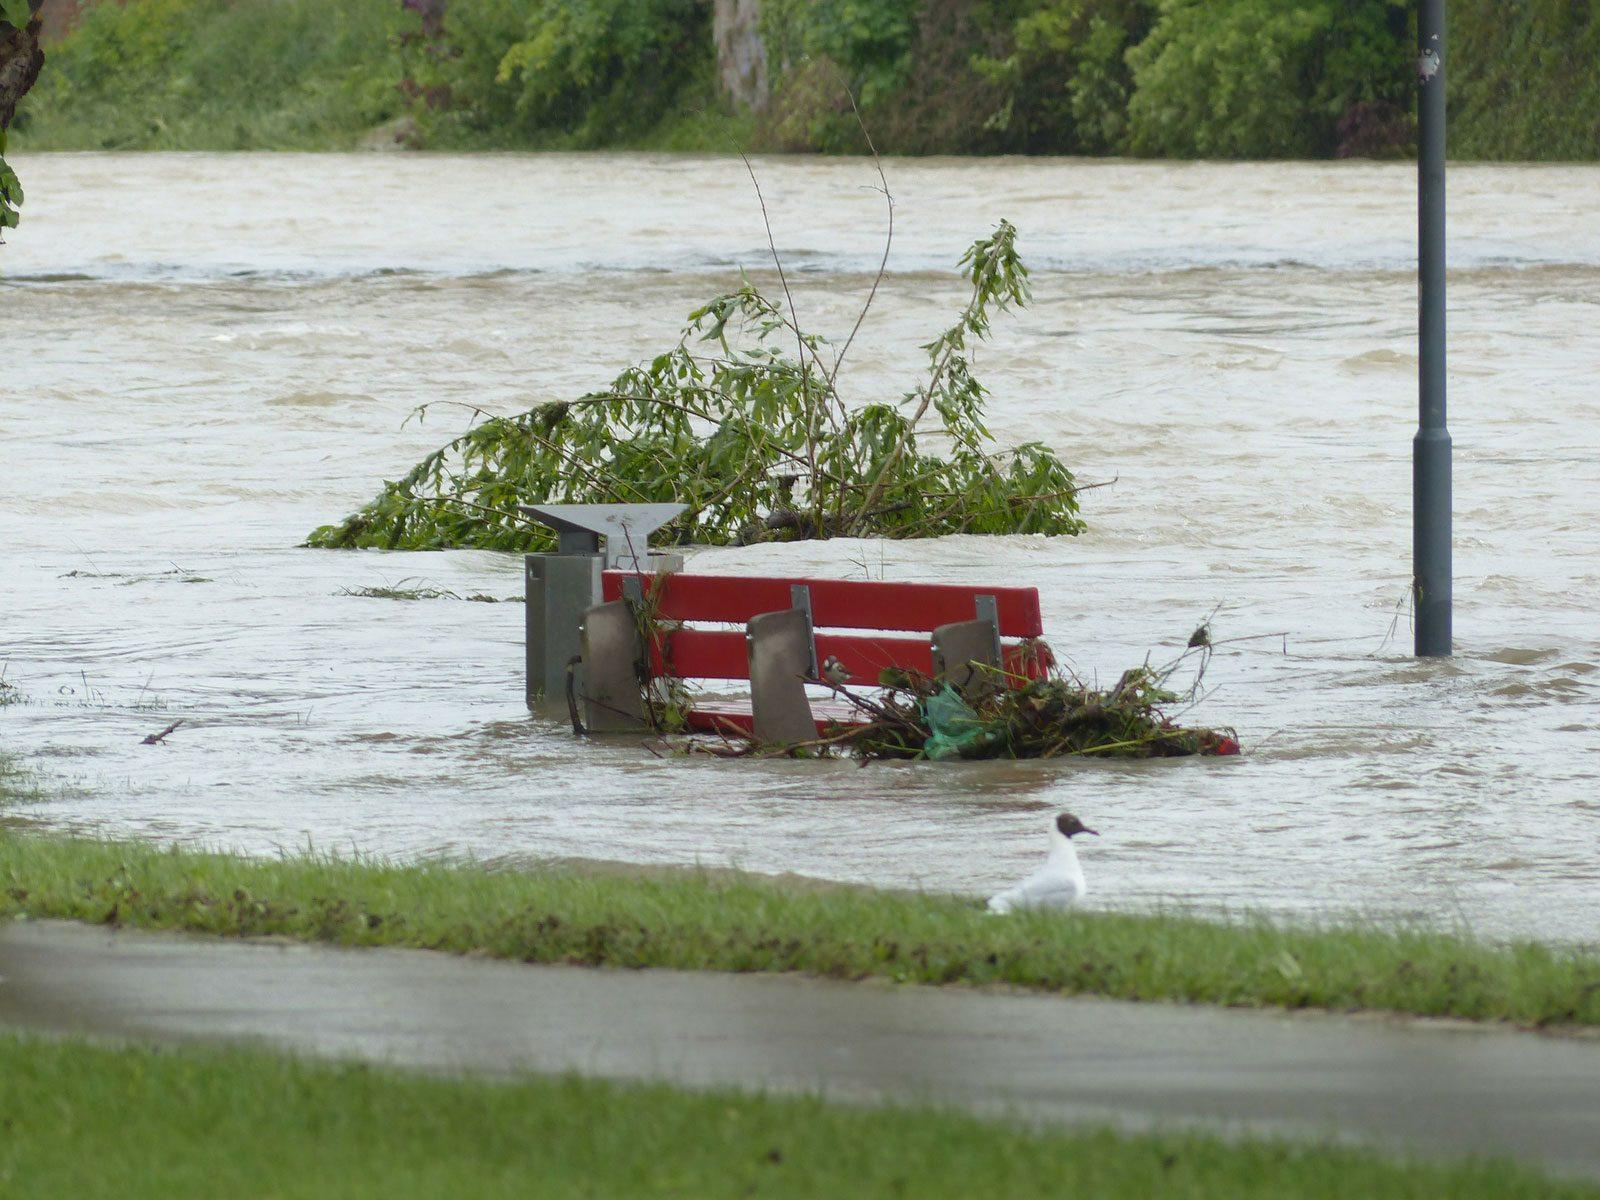 Inondations à Thionville : demande de reconnaissance de catastrophe naturelle